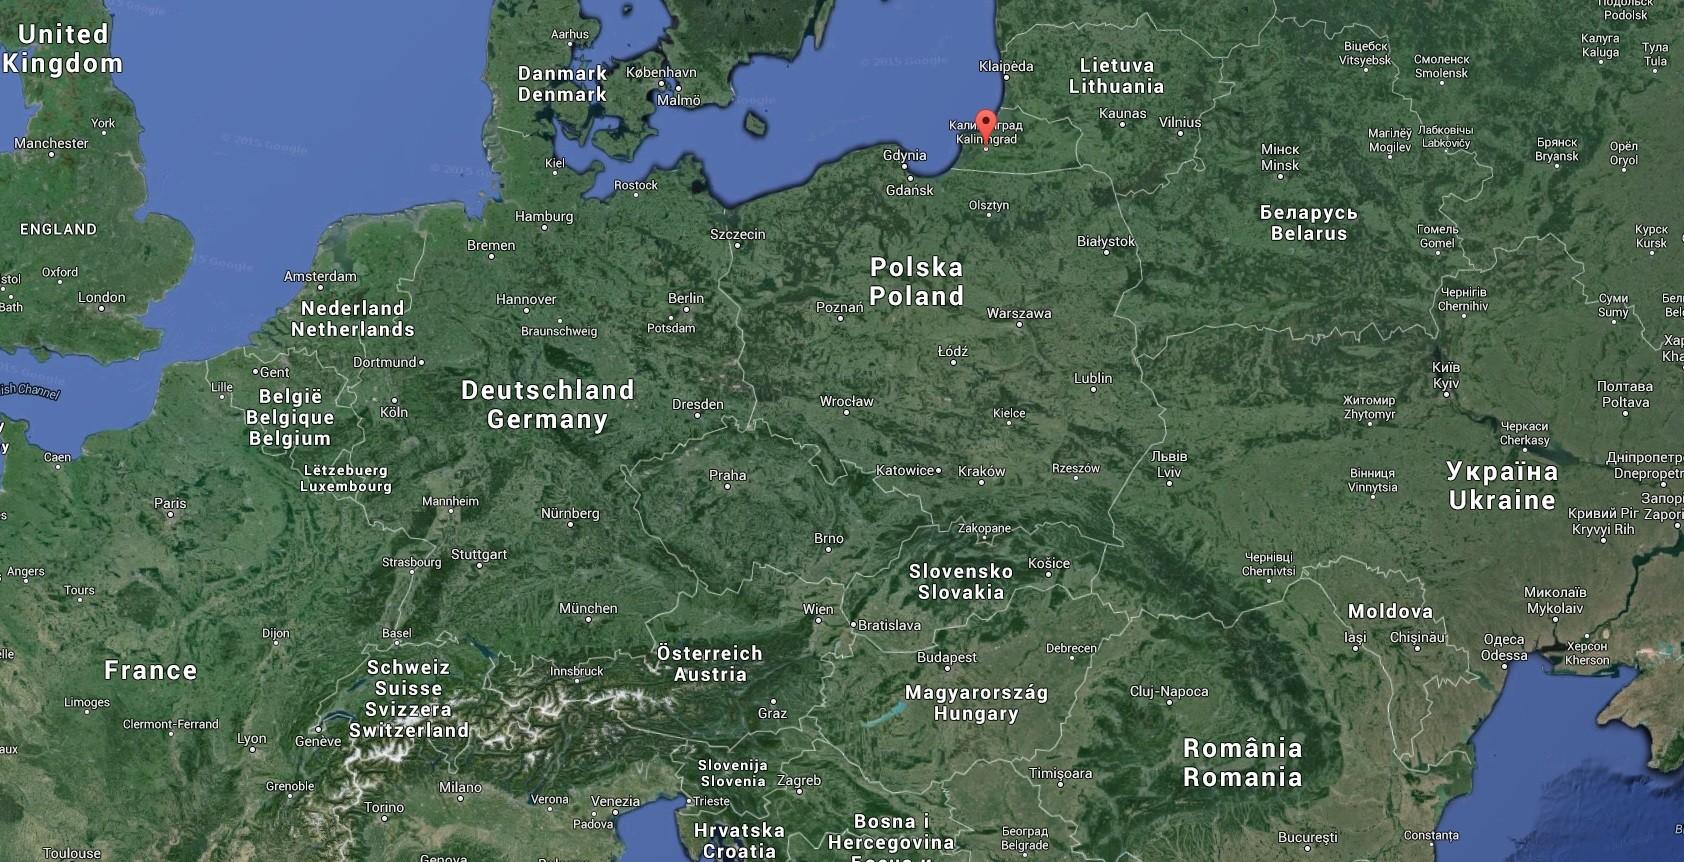 Des hackers publient un plan d'annexion de Kaliningrad par l'OTAN